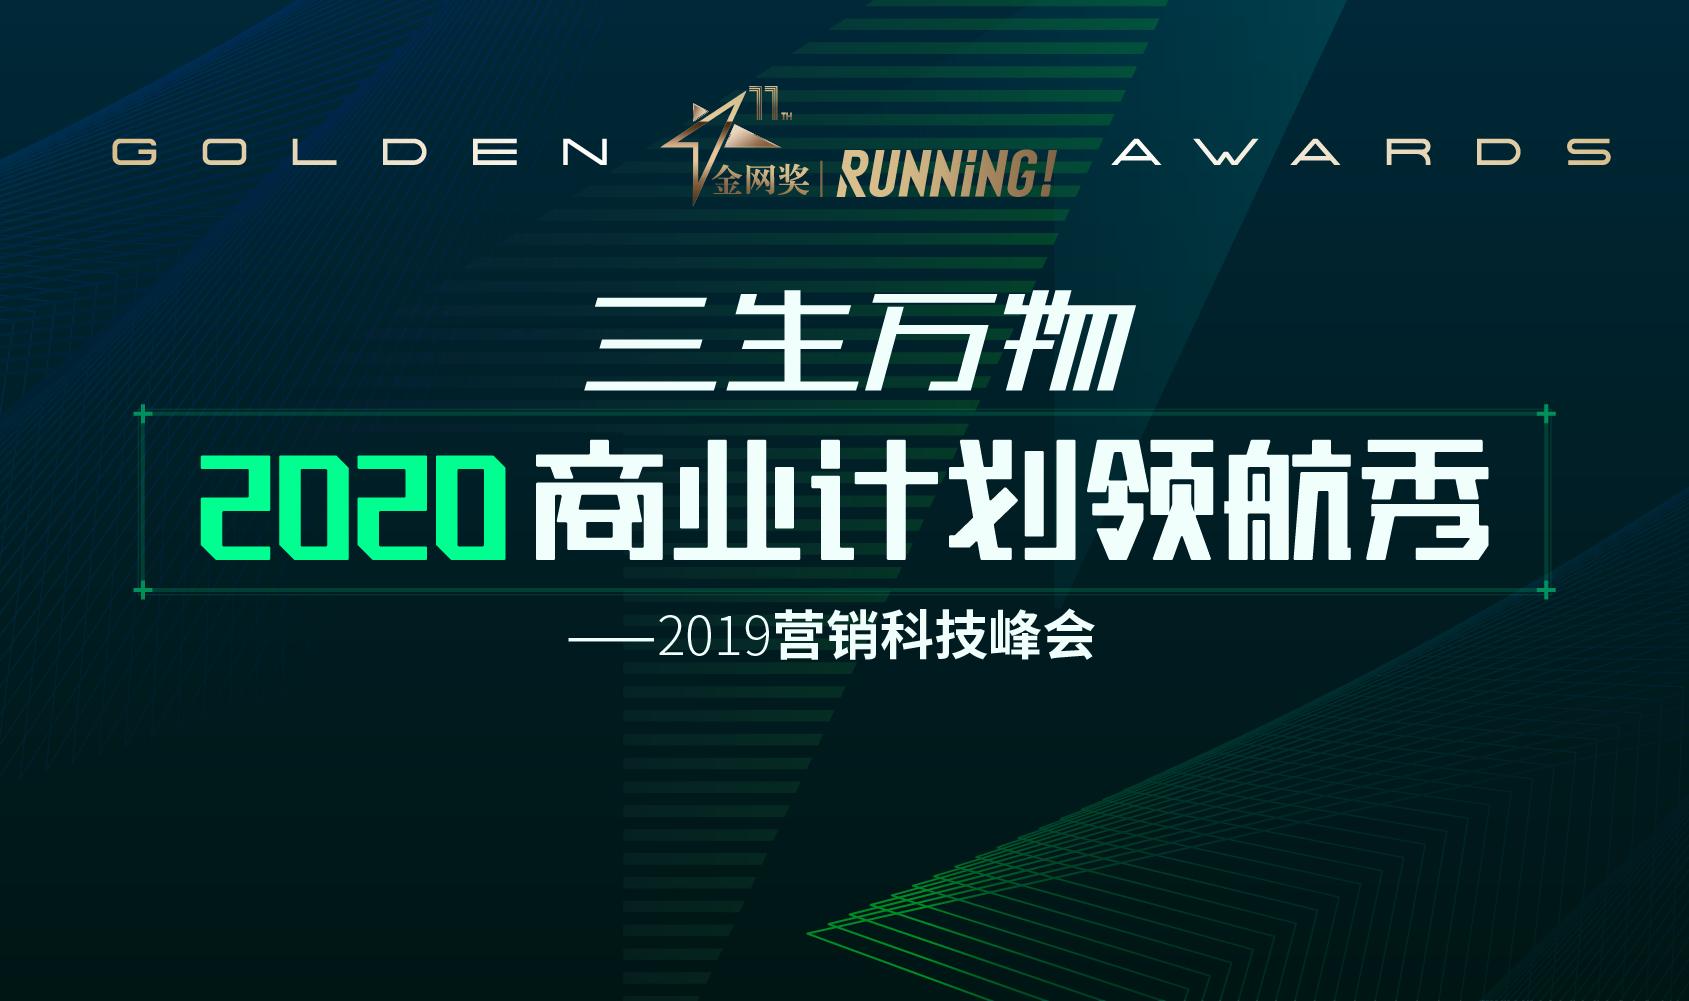 2020商业计划领航秀-2019金网奖营销科技峰会(北京)